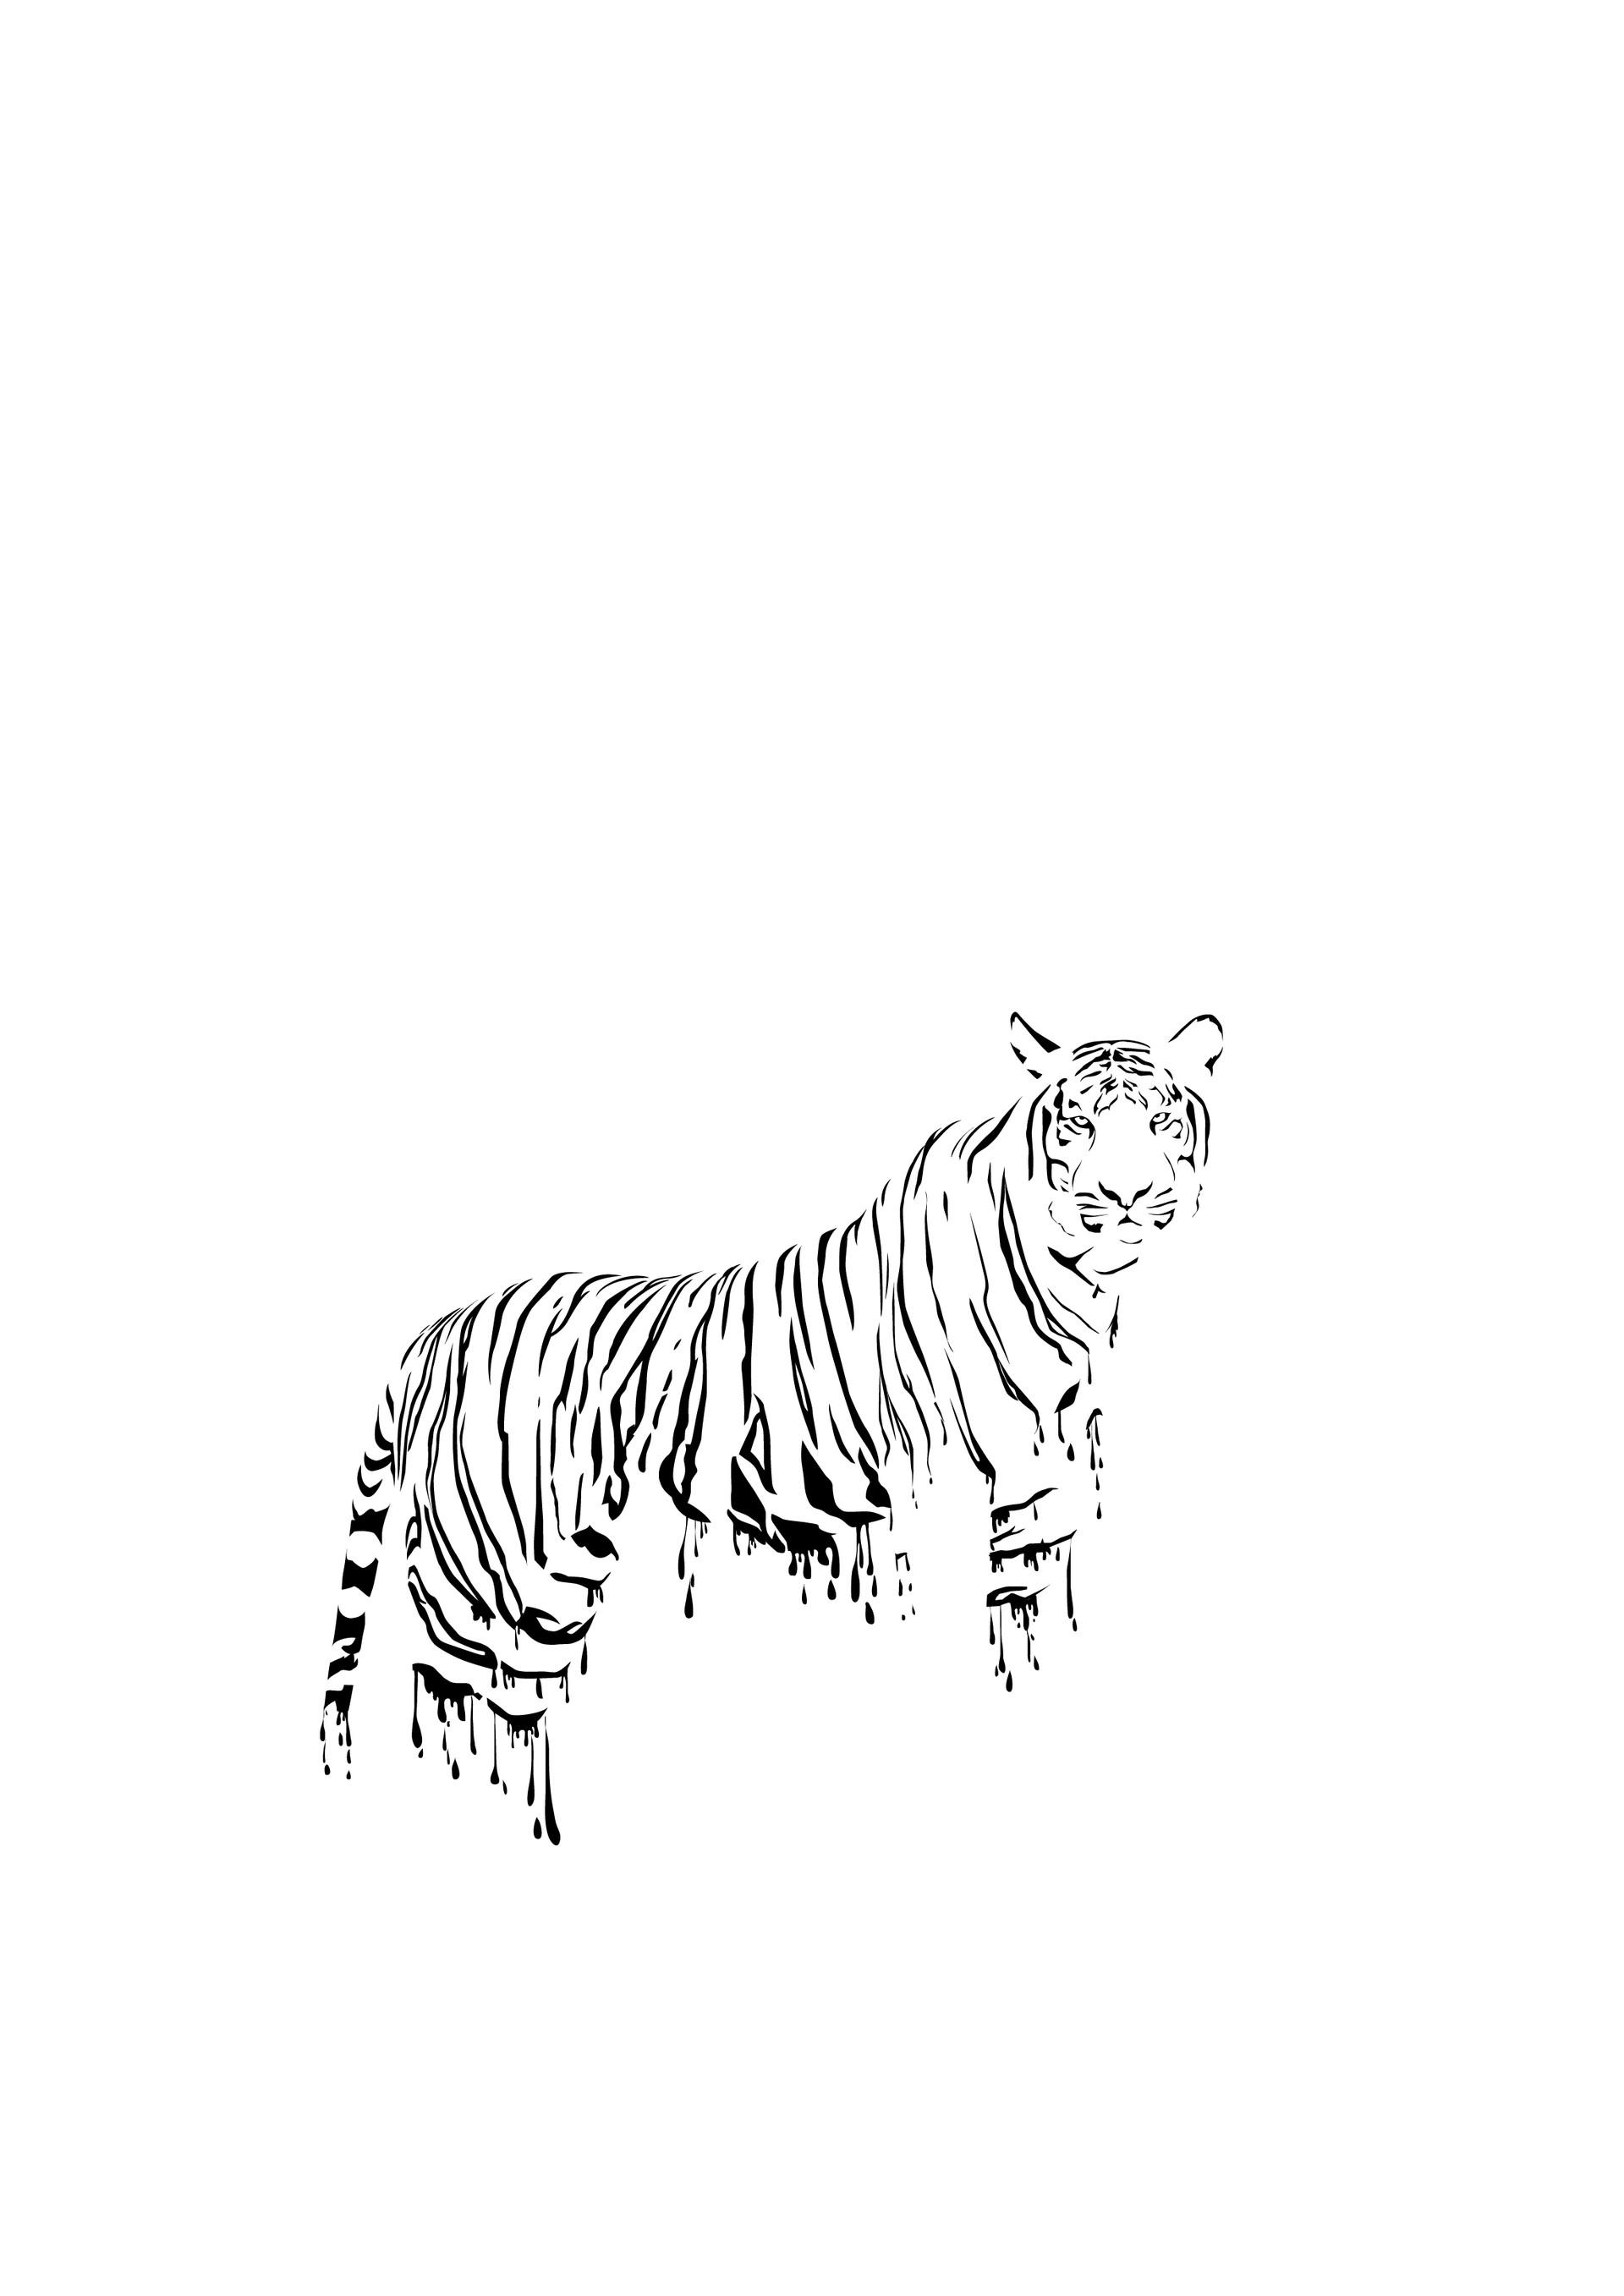 Rajesh sawant tiger global warming 01